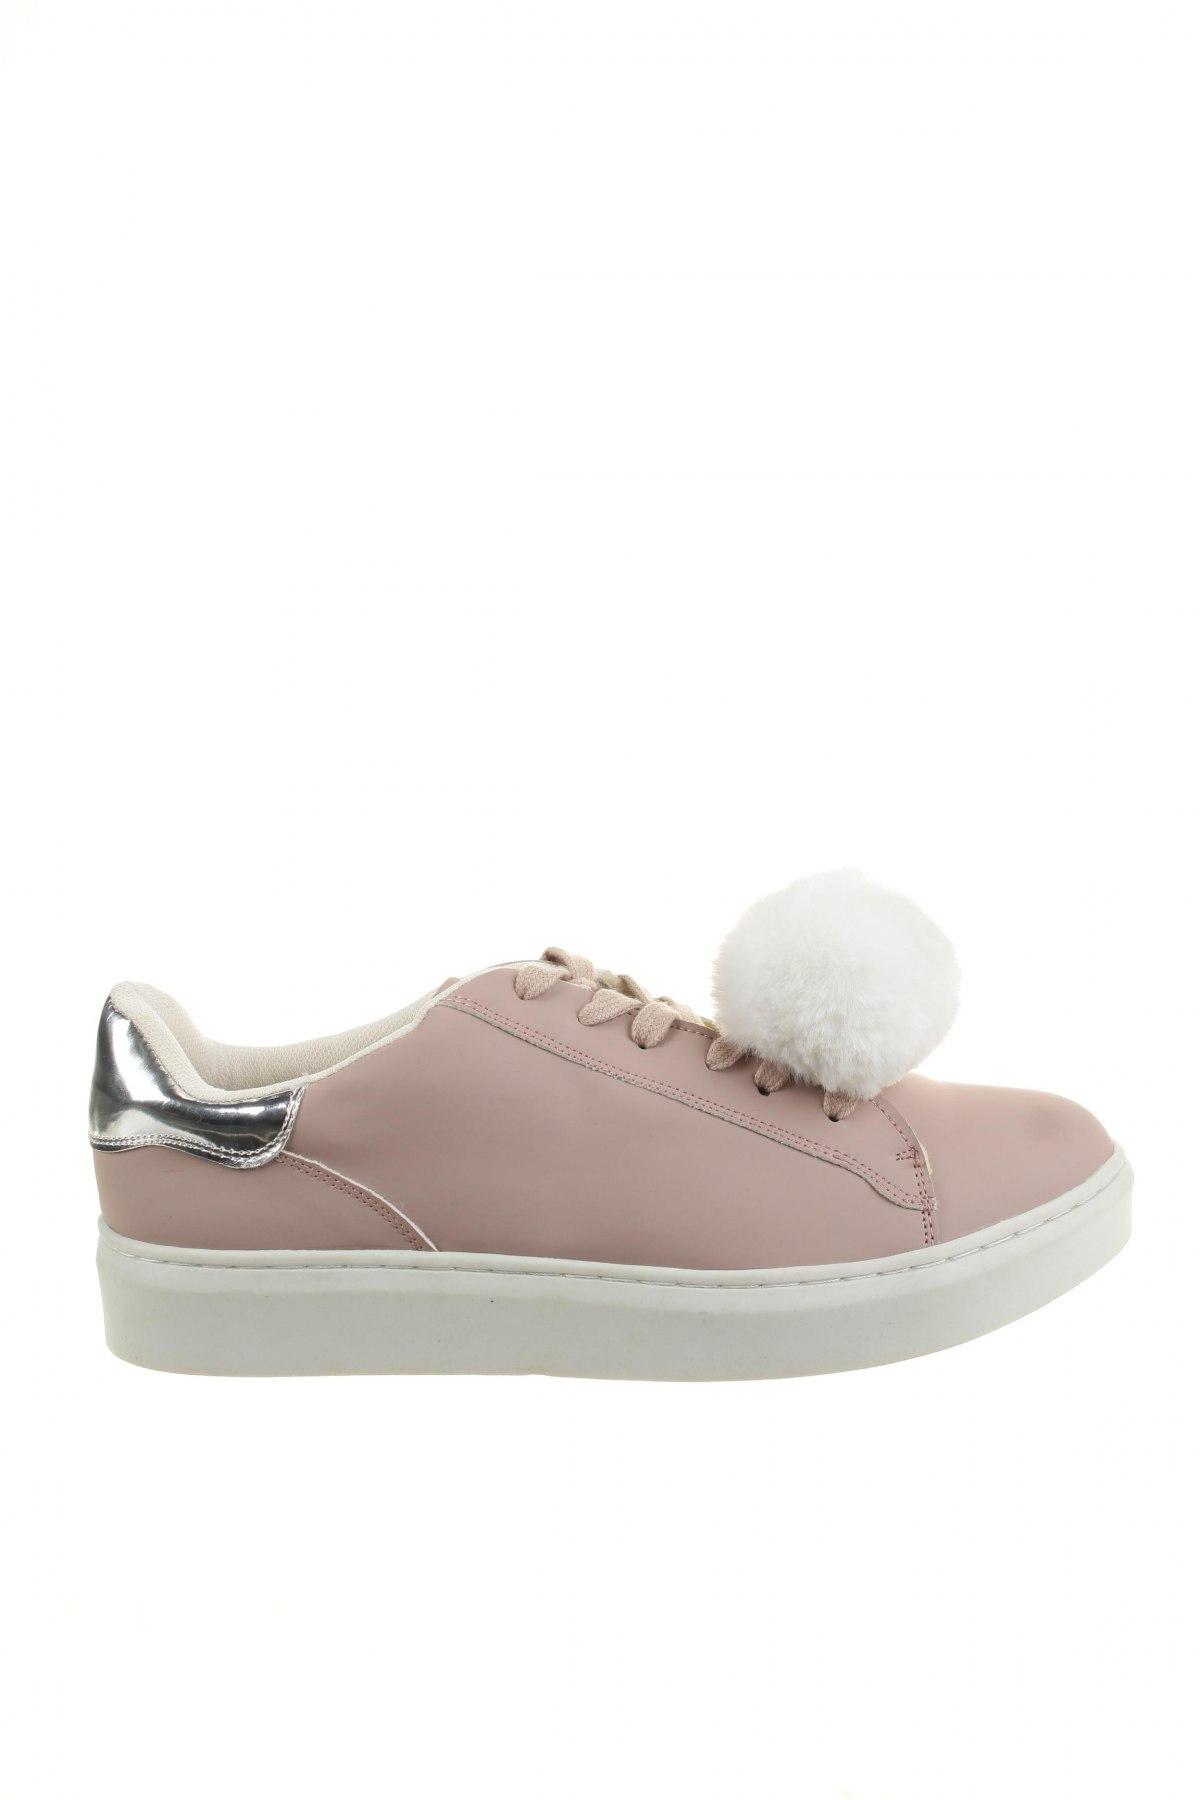 Dámske topánky Office Girl - za výhodnú cenu na Remix -  102783733 288b30e476a